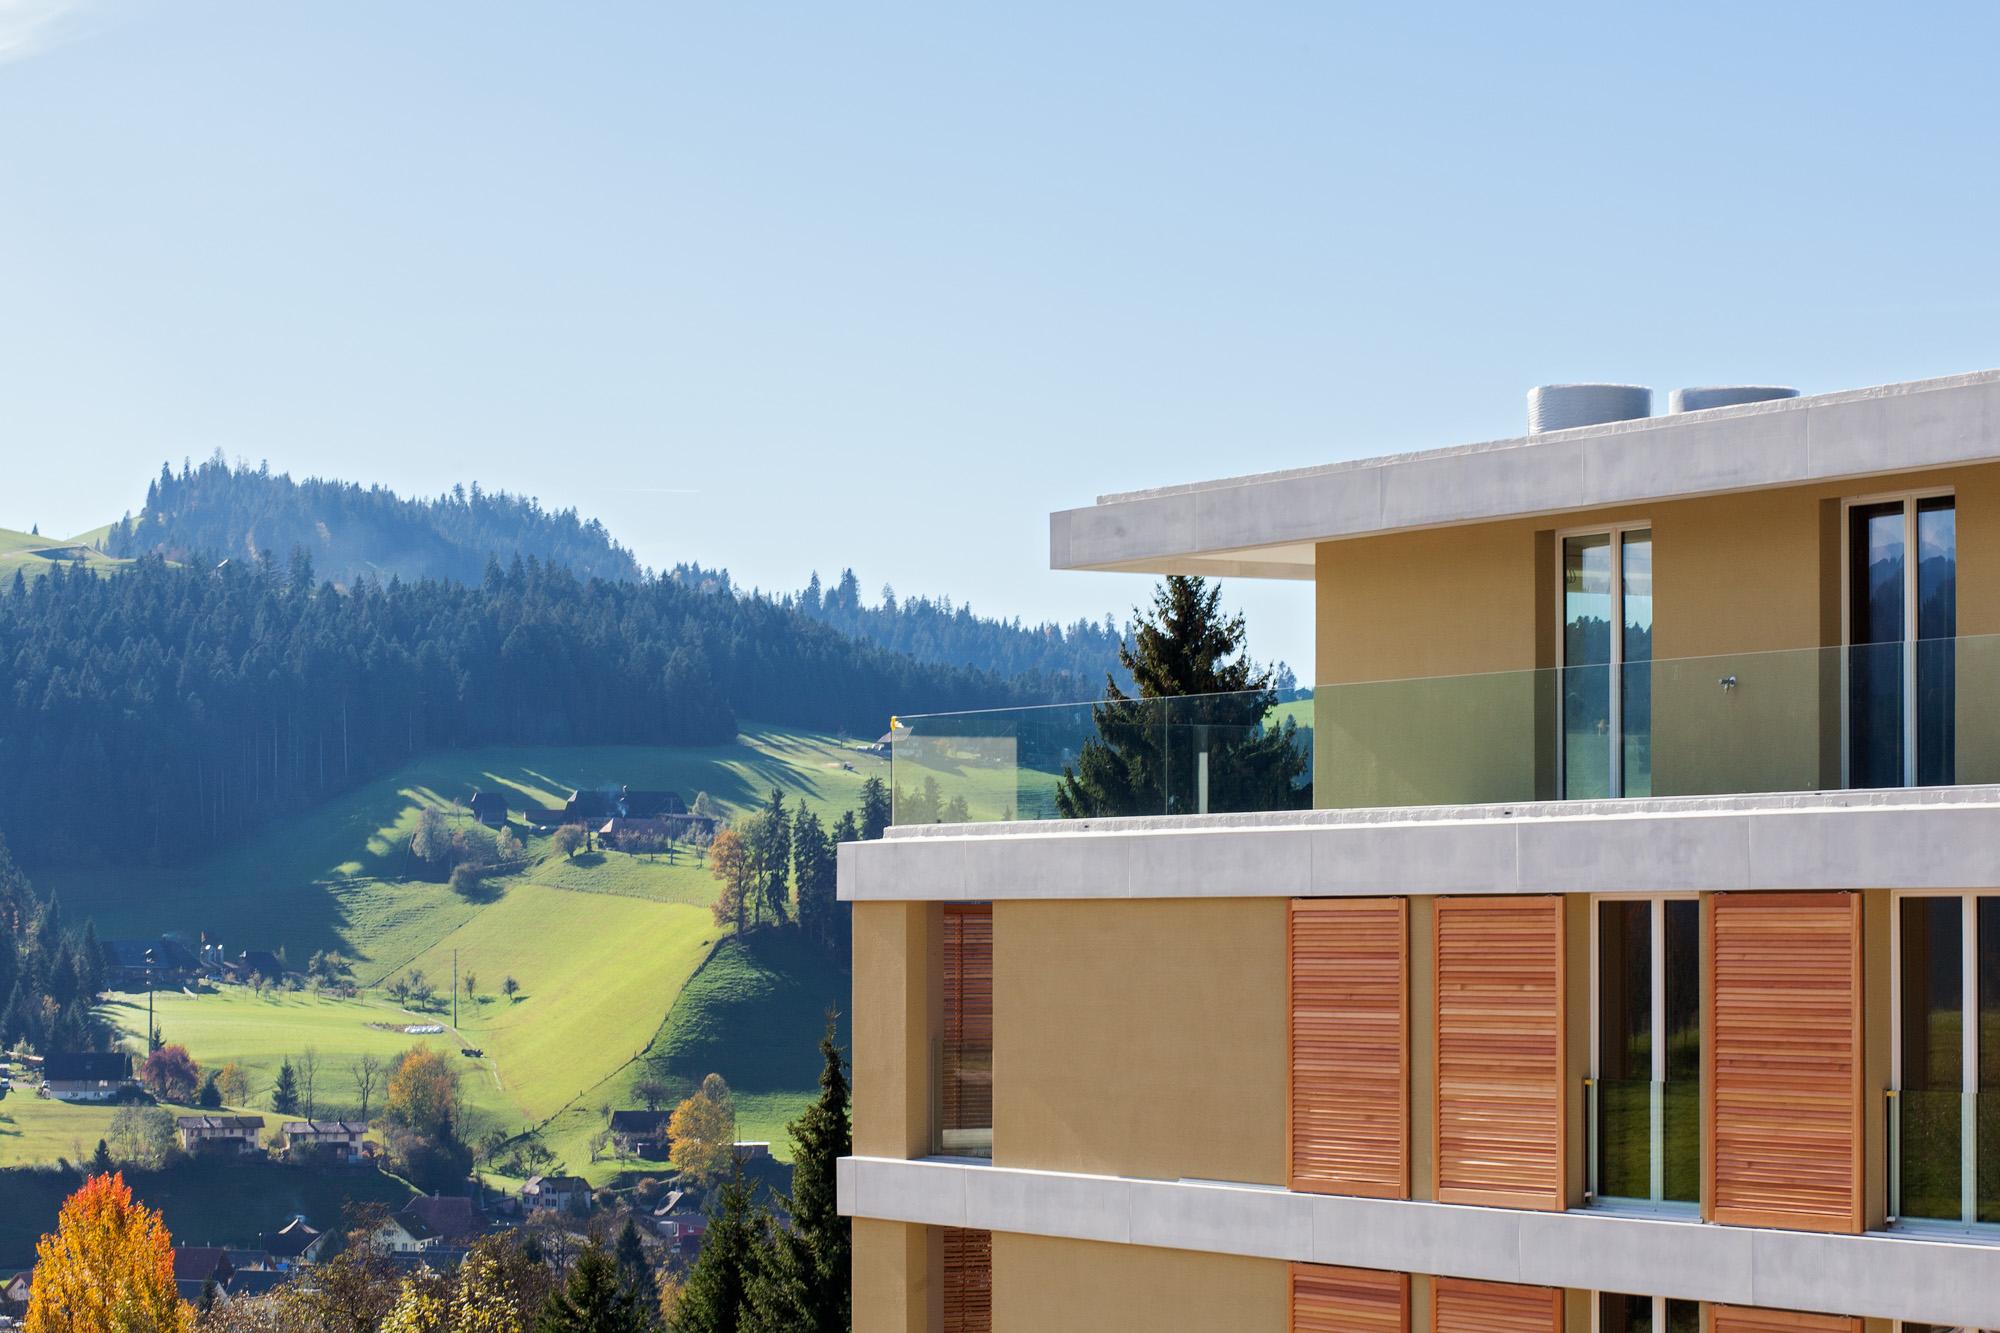 Für die Überbauung Sonnenarena in Langnau konnte die MerzGips AG Fassadenbau ausführen. Entstanden sind Mehrfamilienhäuser mit wunderschönem Ausblick ins Grüne Emmental.